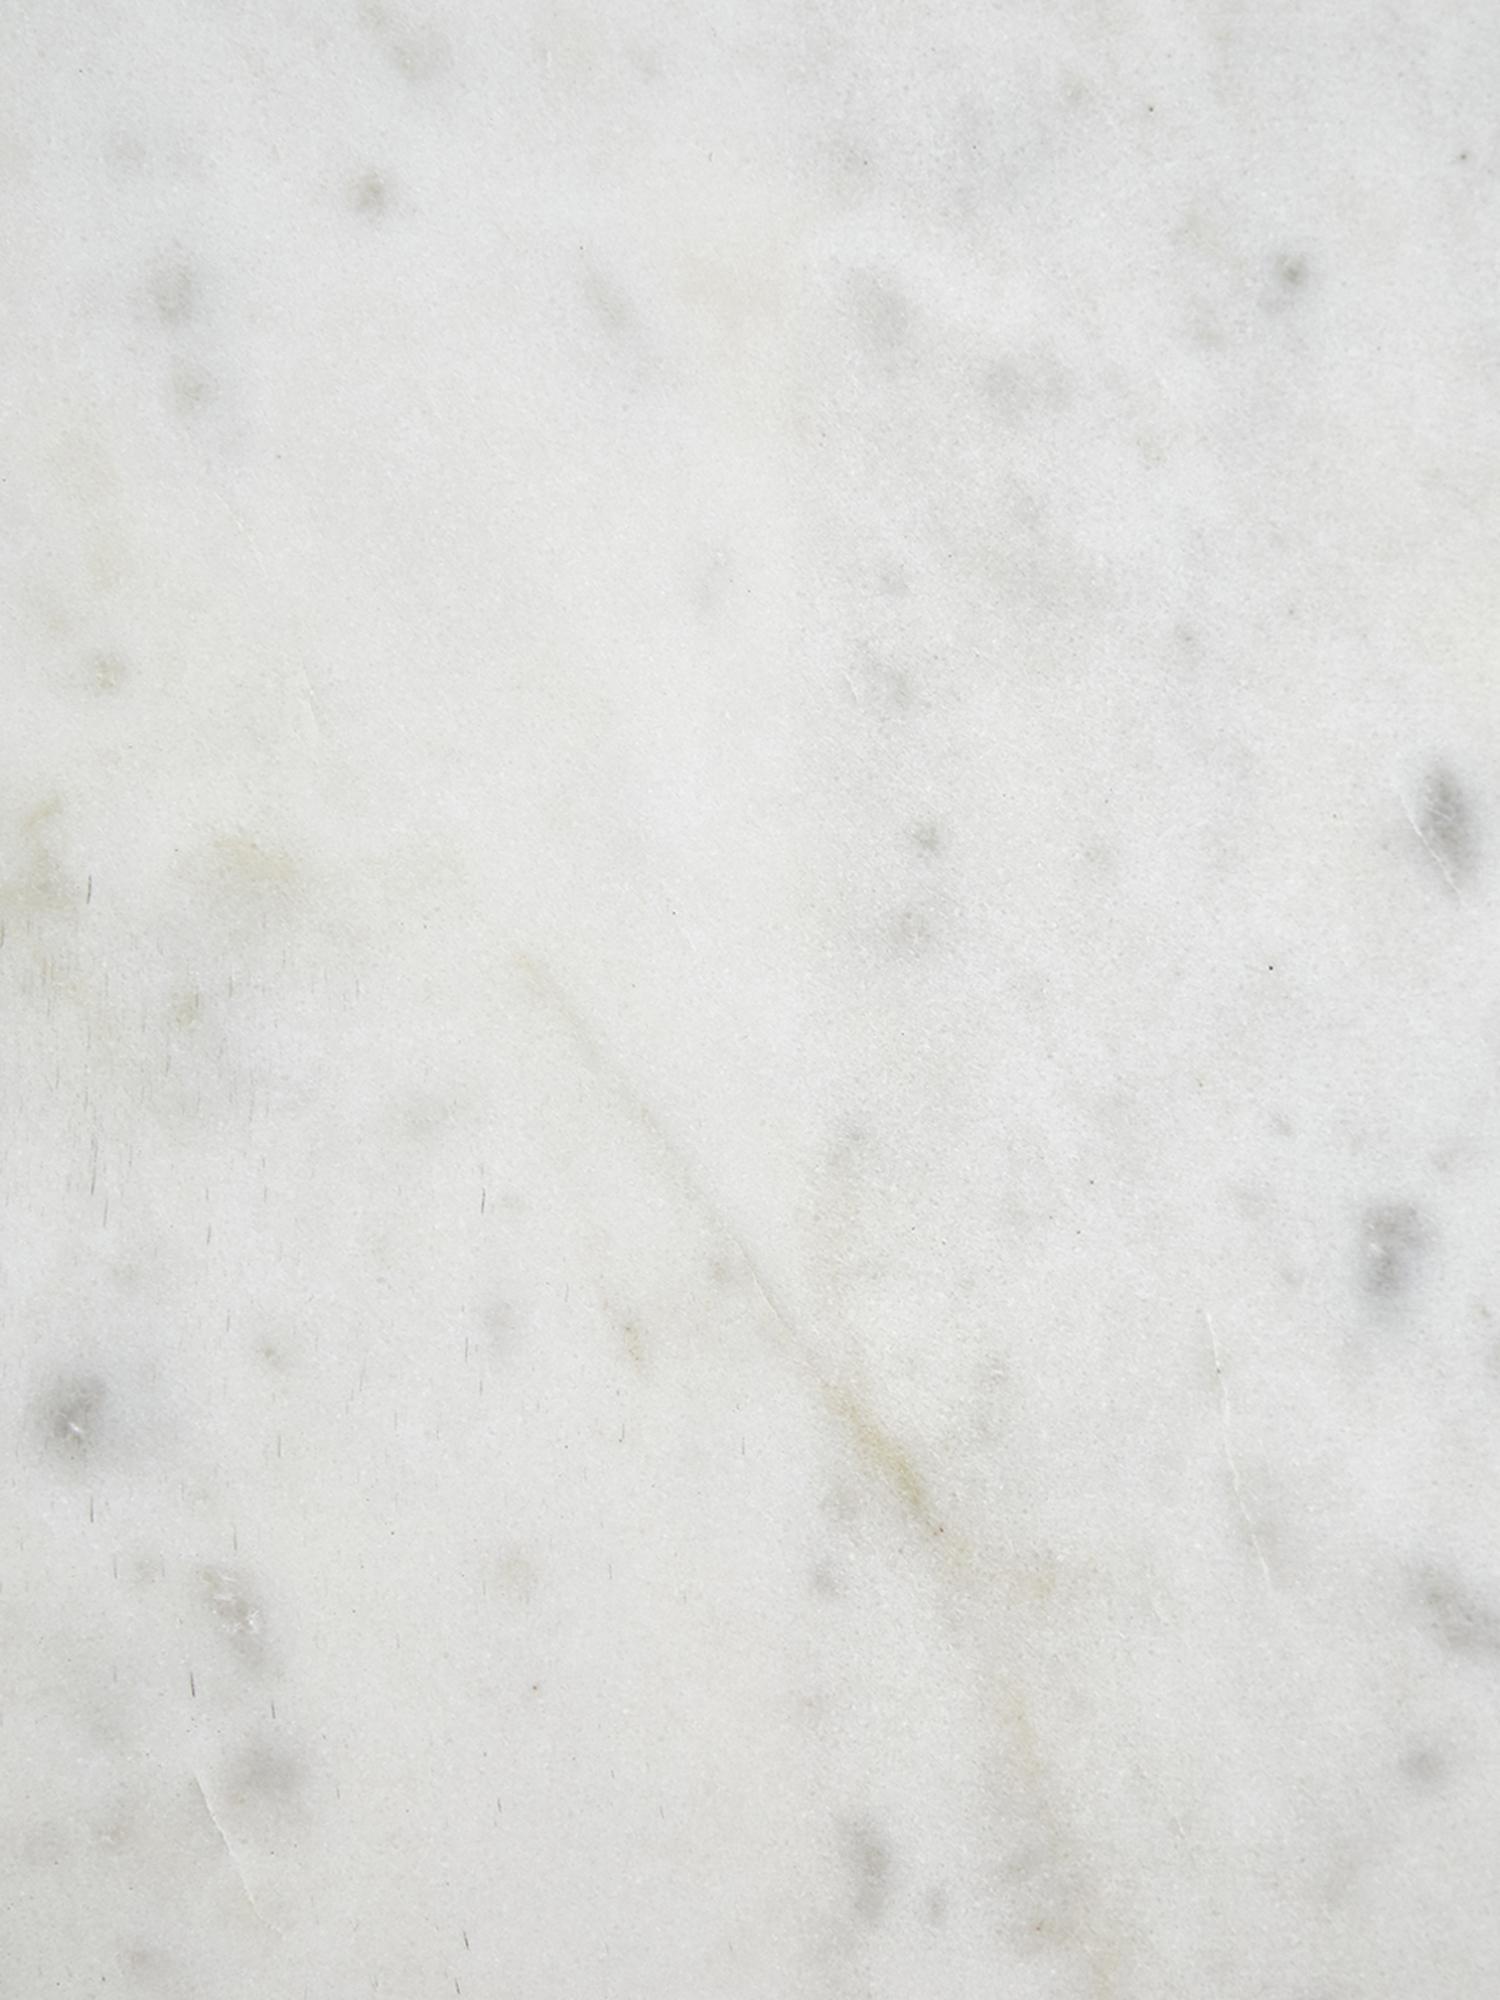 Marmor-Couchtisch Alys, Tischplatte: Marmor, Gestell: Metall, pulverbeschichtet, Tischplatte: Weiss-grauer MarmorGestell: Goldfarben, glänzend, 80 x 45 cm